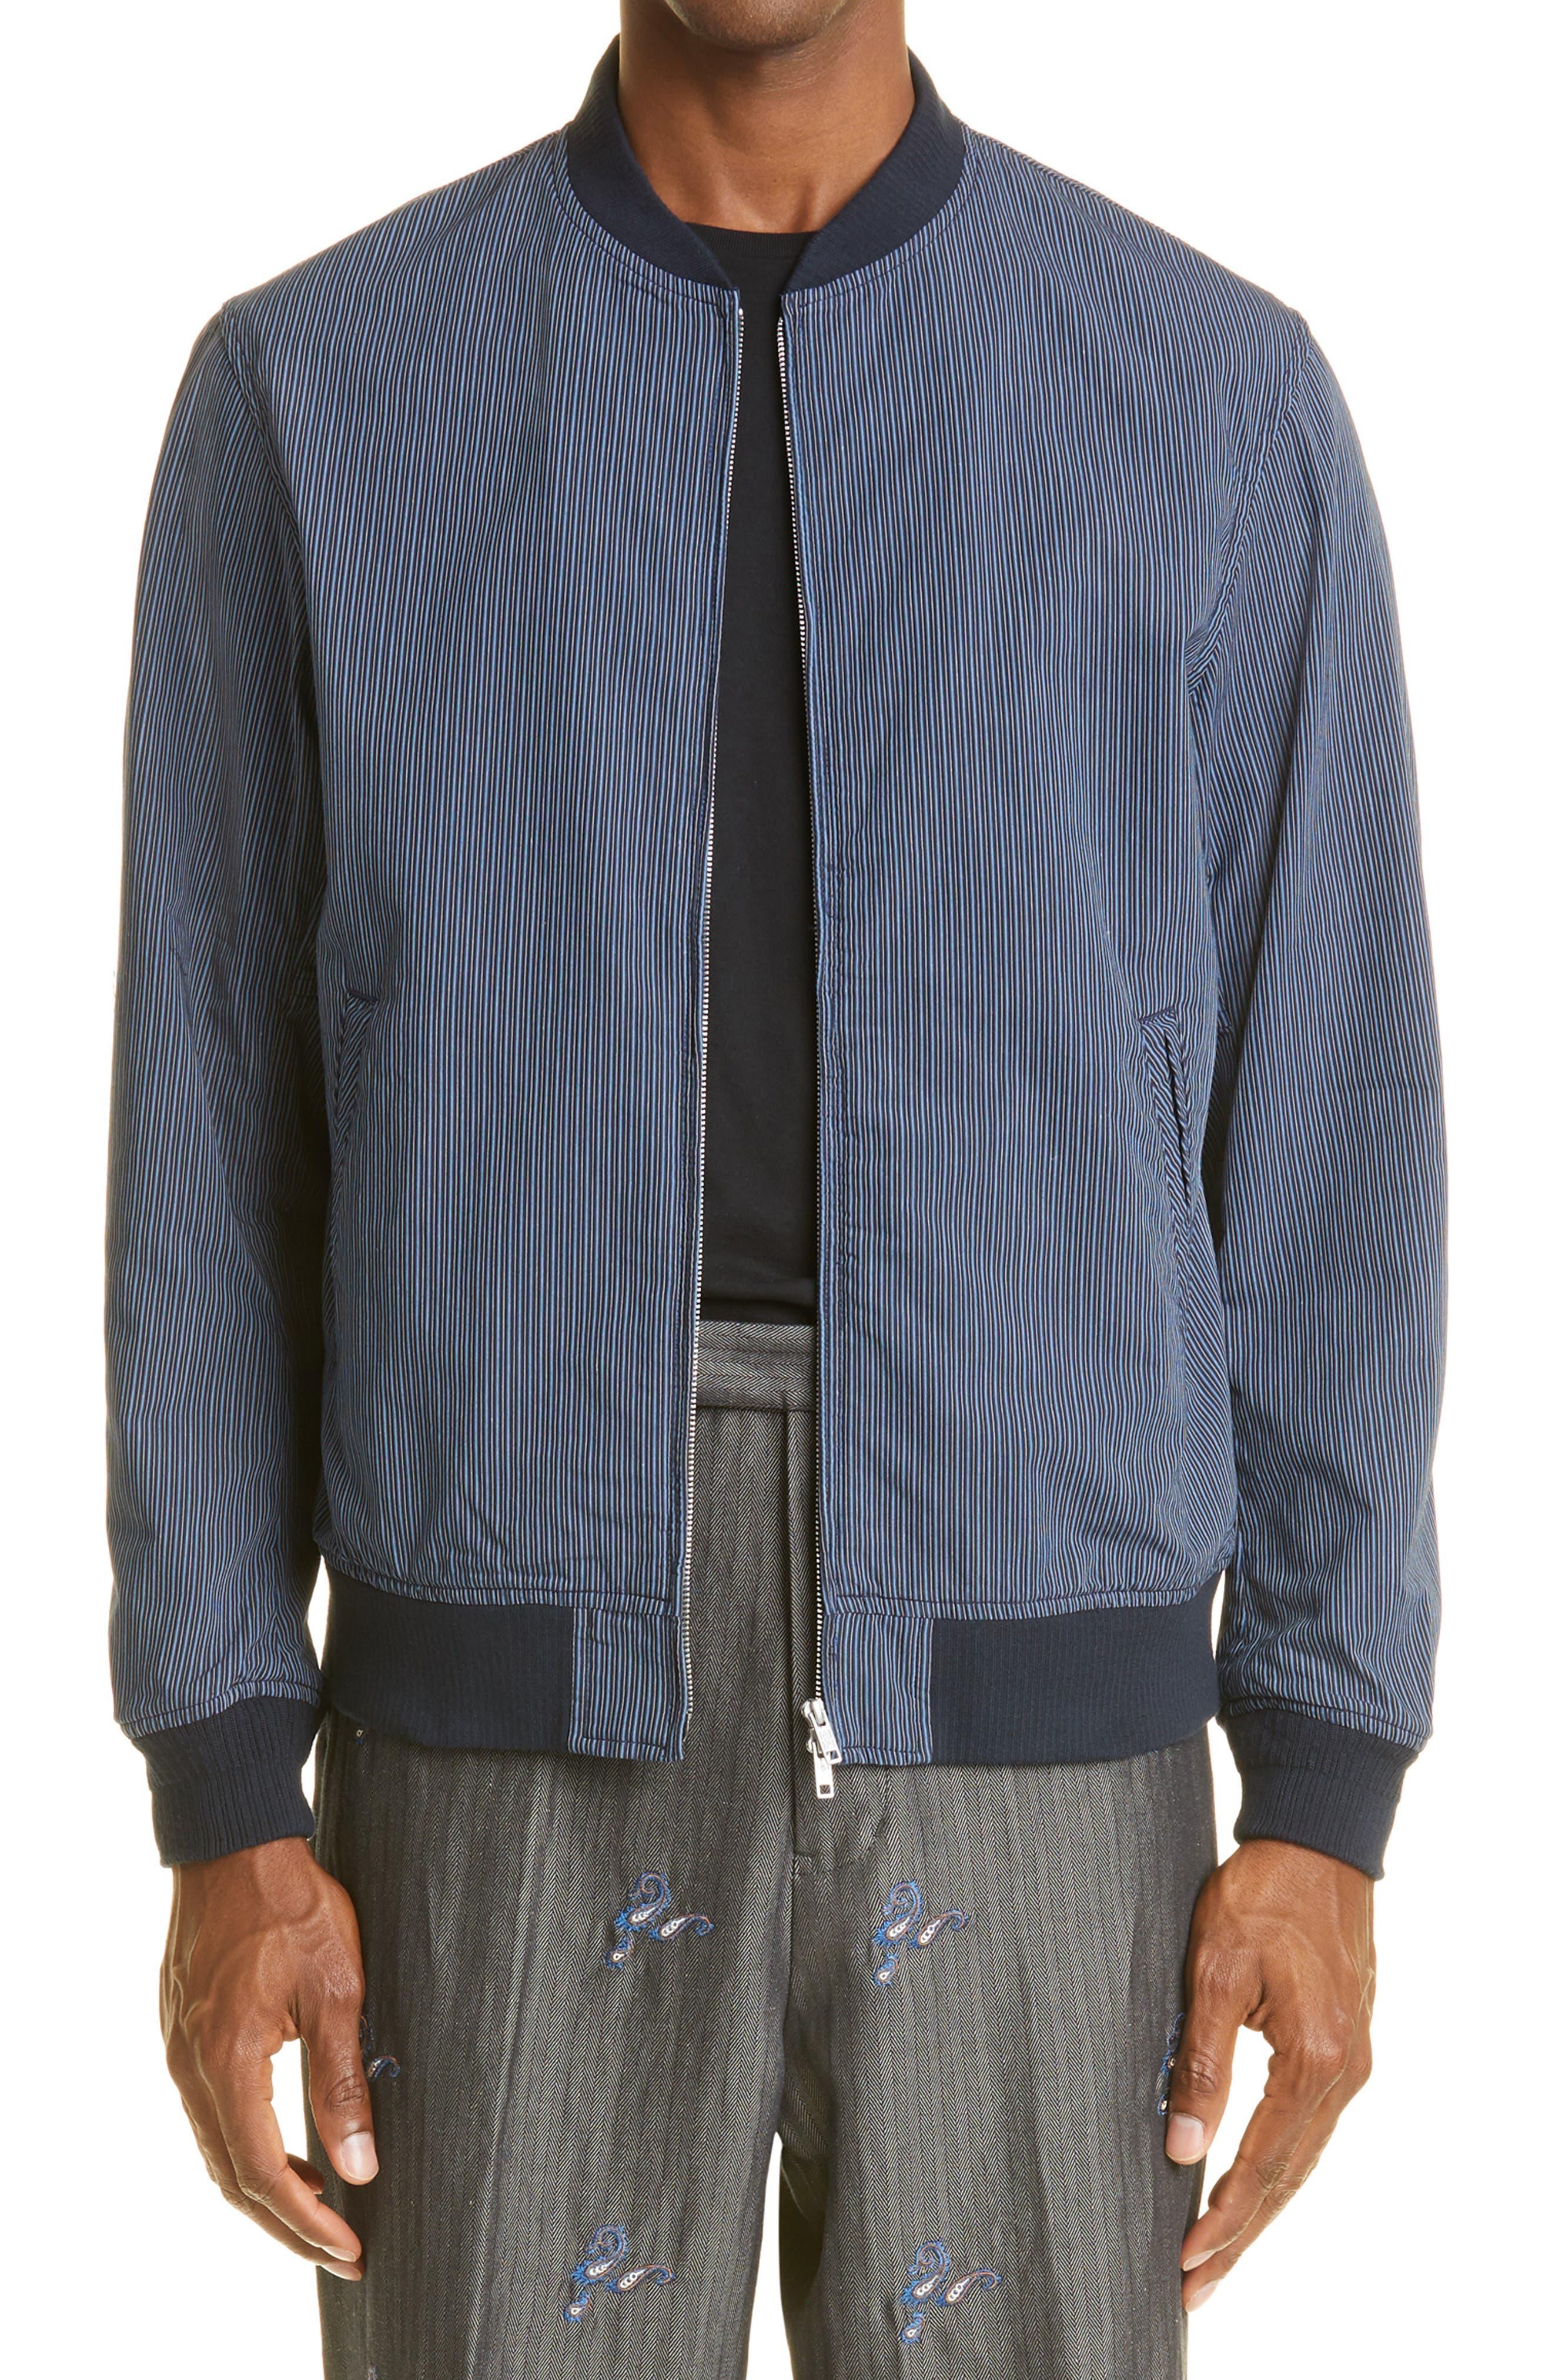 Cordlane Bomber Jacket